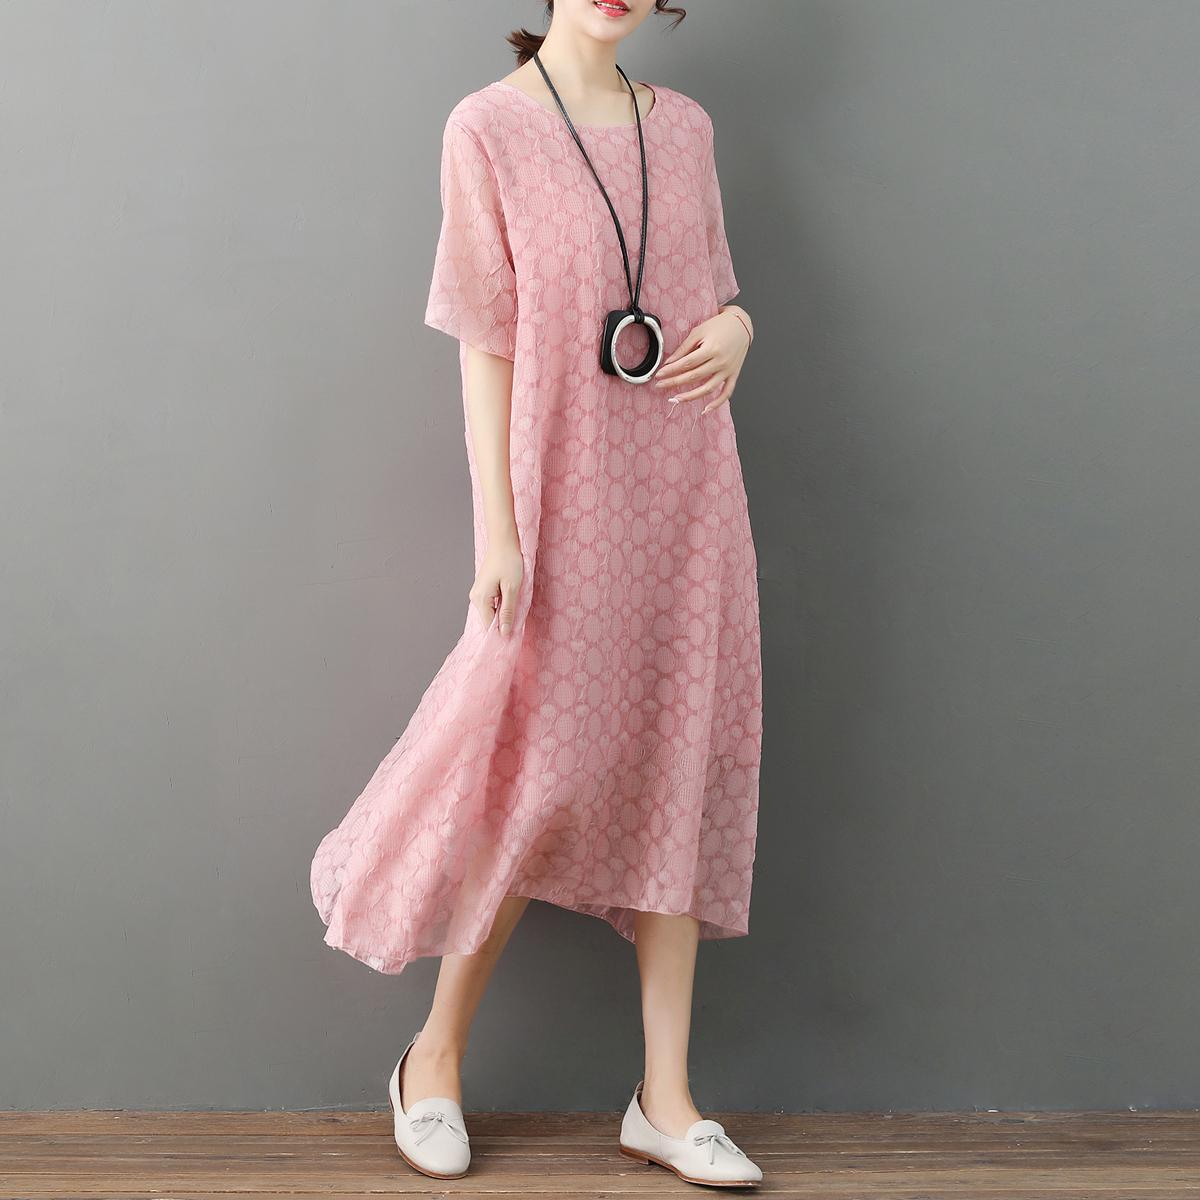 2018新款加大码女装胖MM夏装短袖连衣裙中长款宽松时尚显瘦200斤